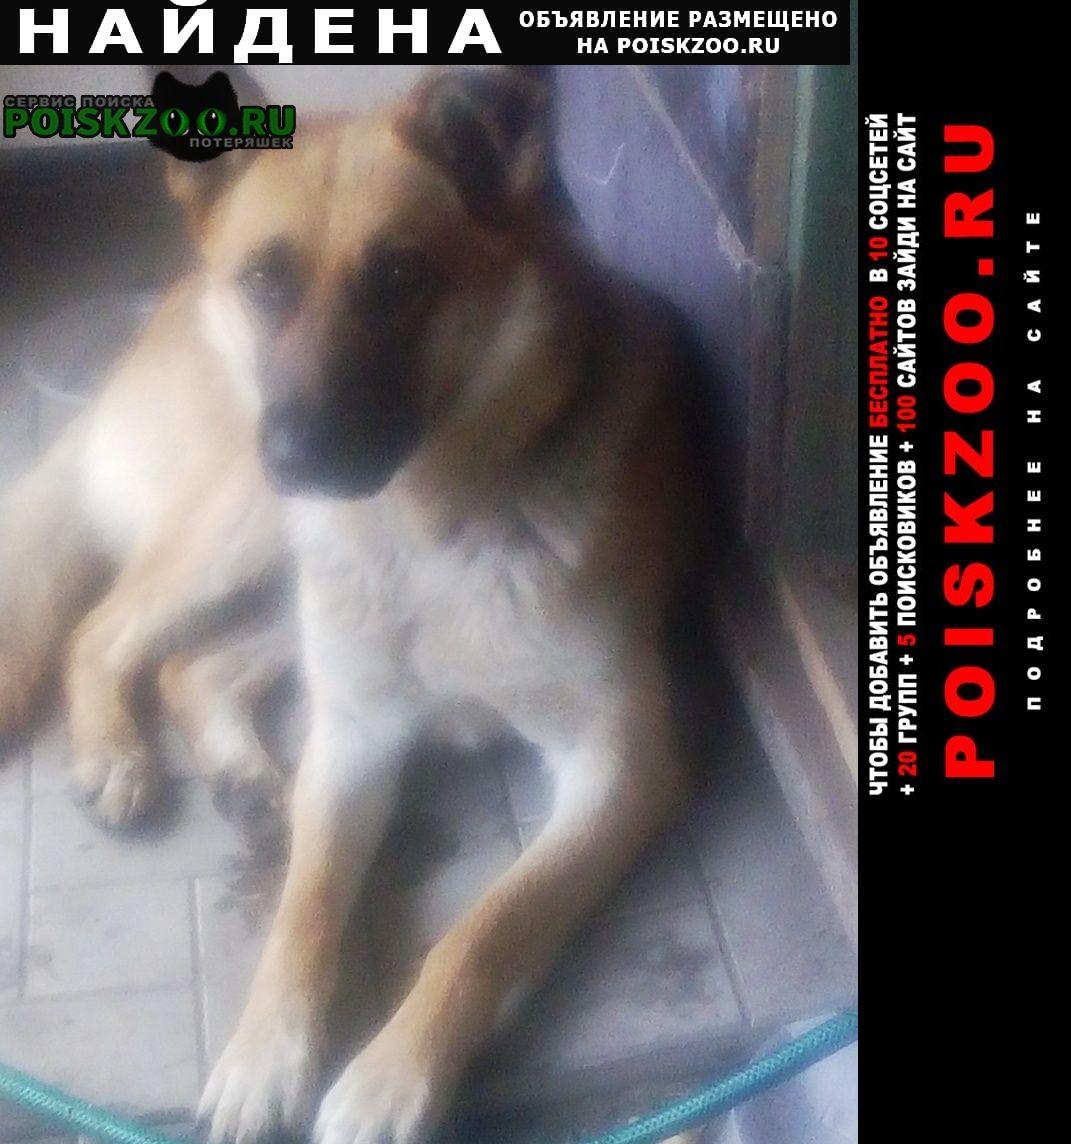 Найдена собака кобель кабель Новосибирск